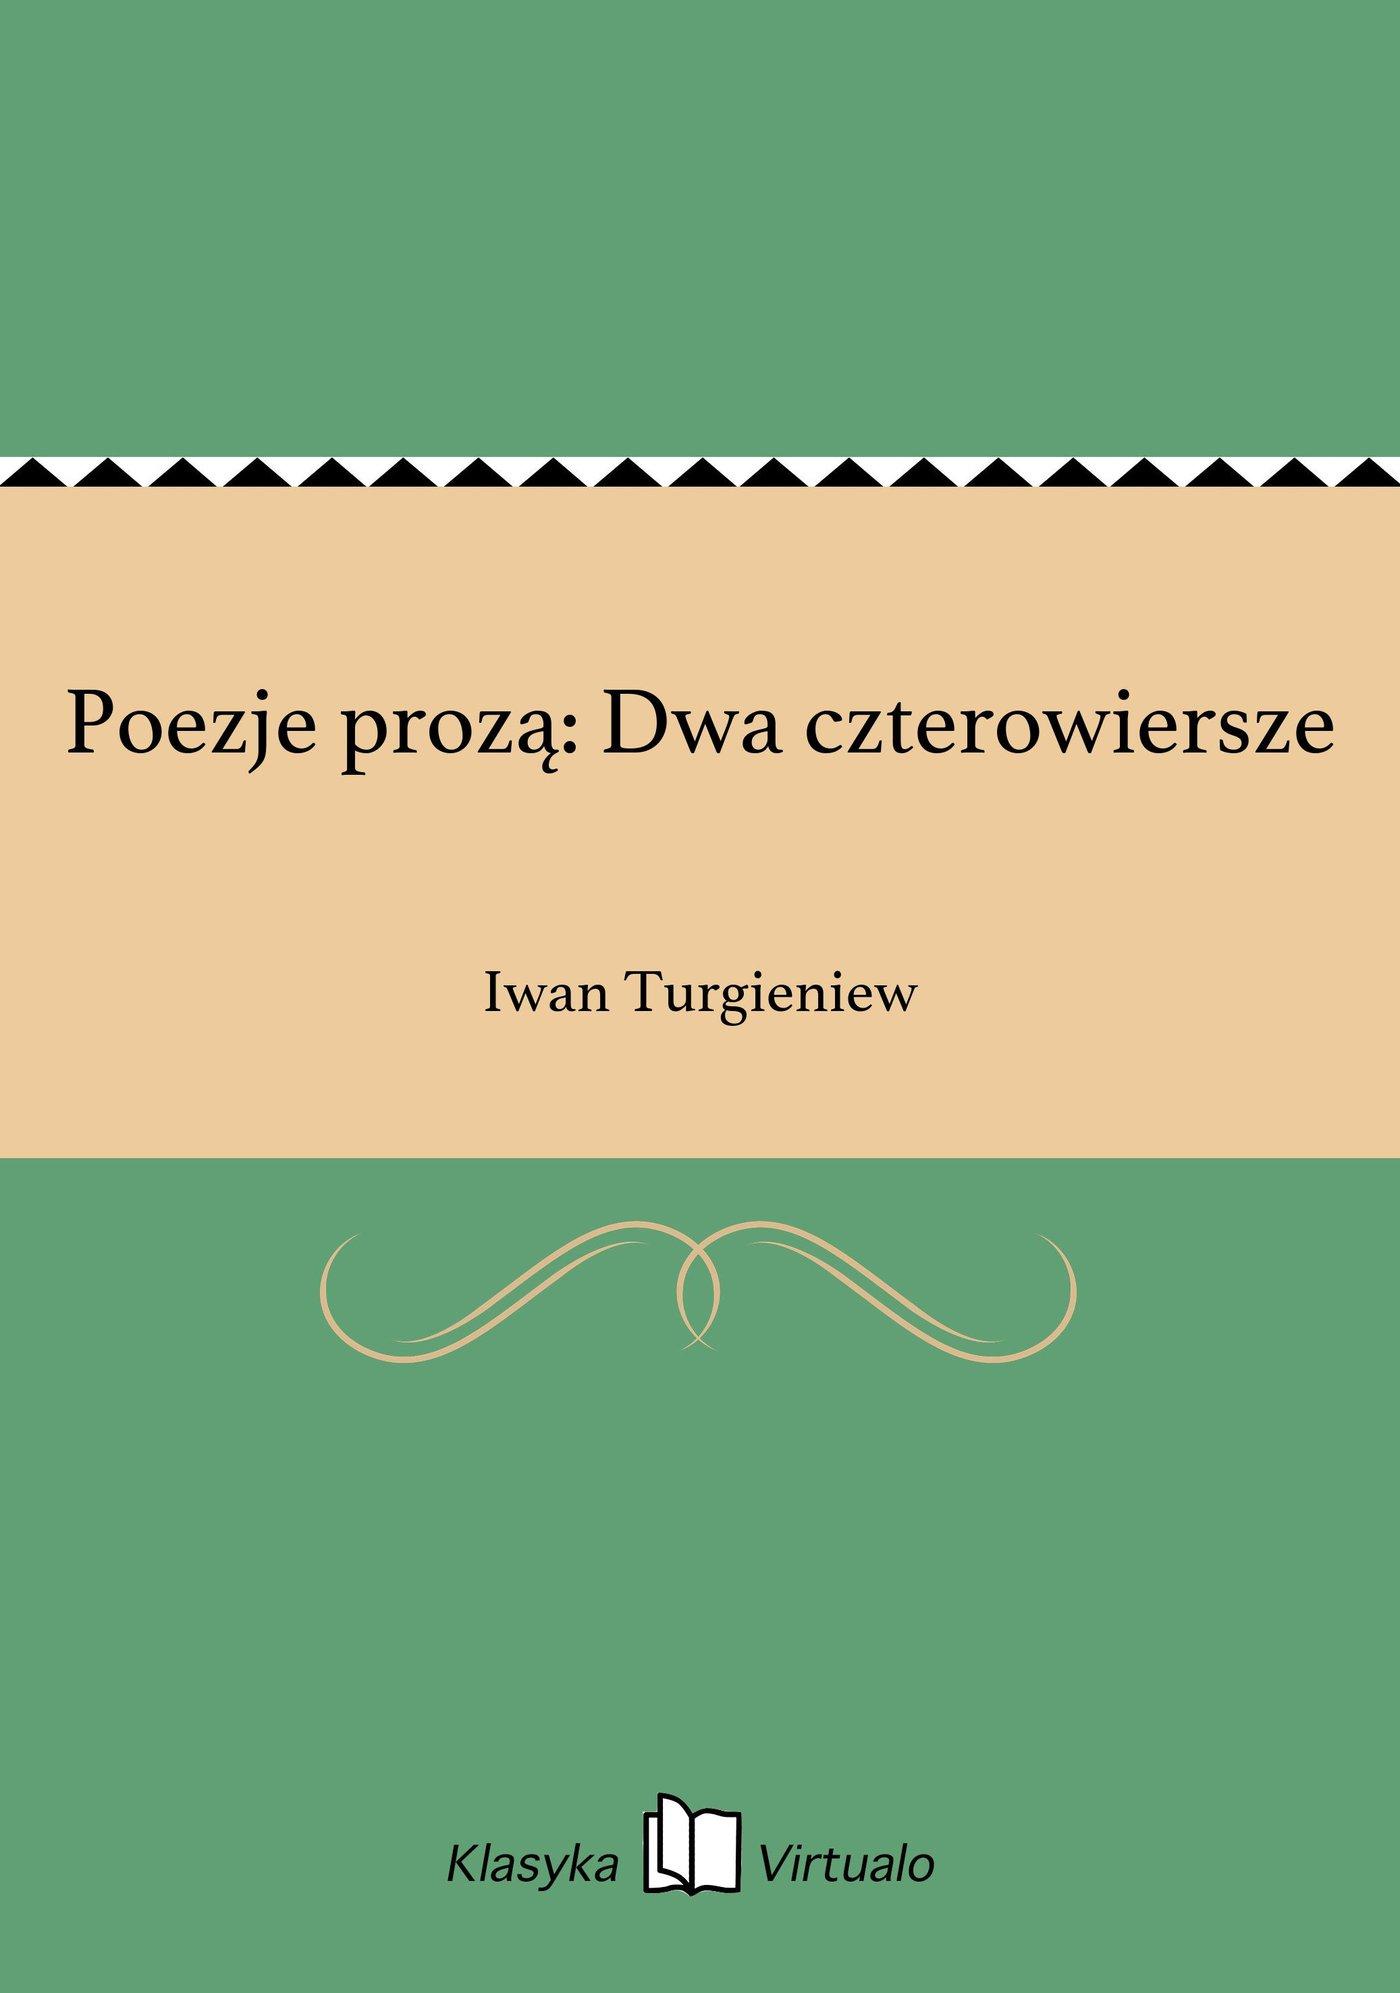 Poezje prozą: Dwa czterowiersze - Ebook (Książka na Kindle) do pobrania w formacie MOBI